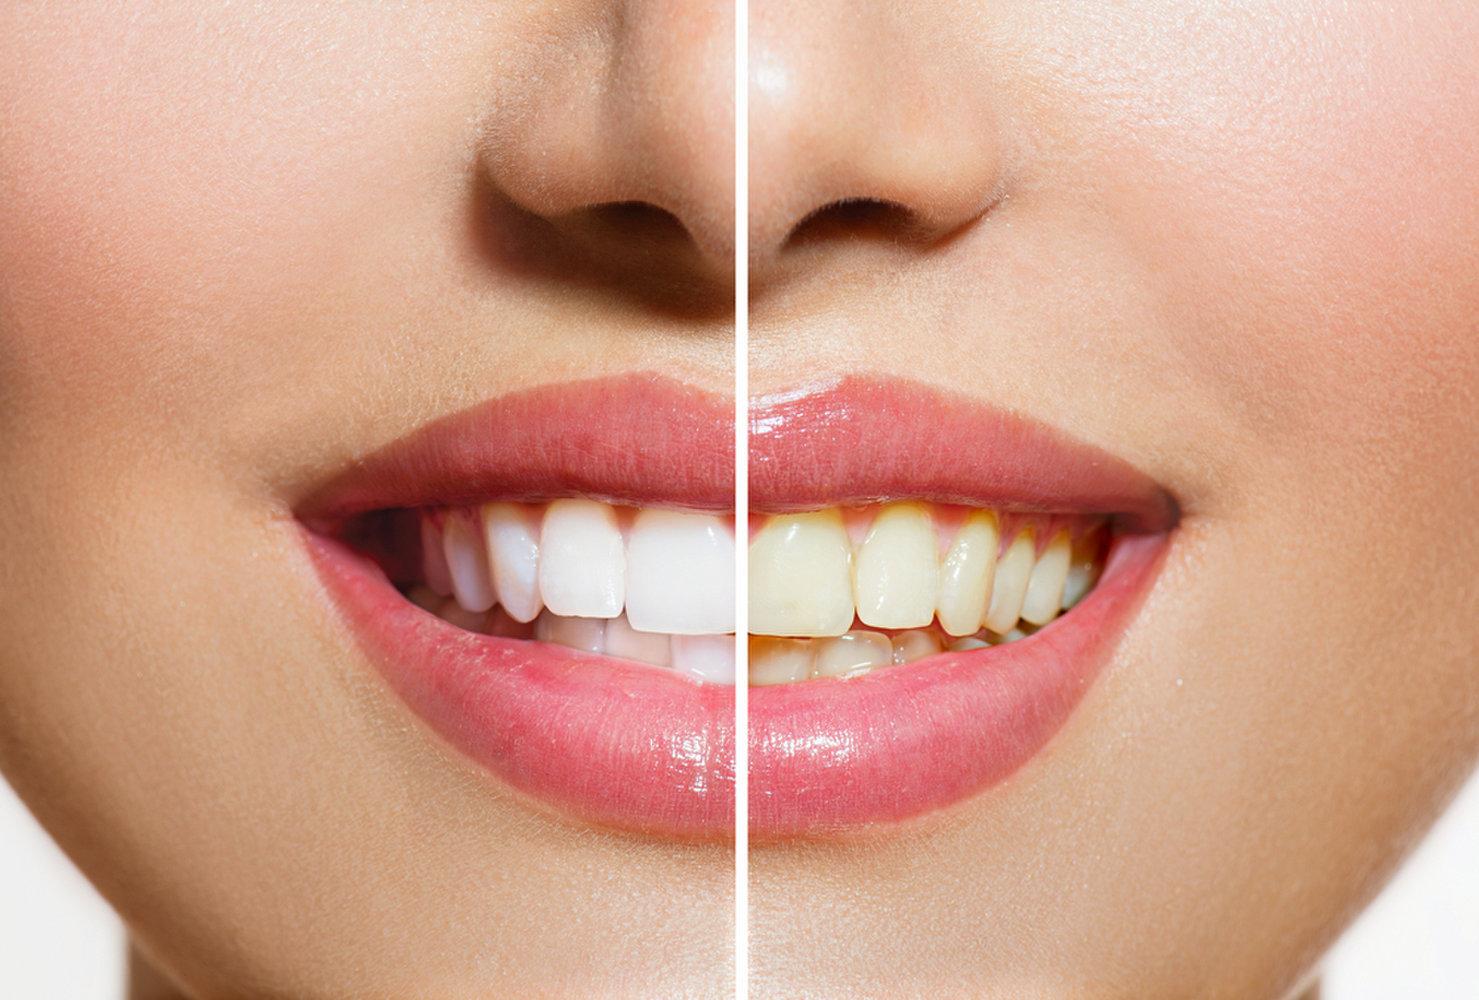 سفید ماندن دندان زردی دندان زرد و تیره شدن دندان رنگ دندان تیرگی دندان تغییر رنگ دندانها